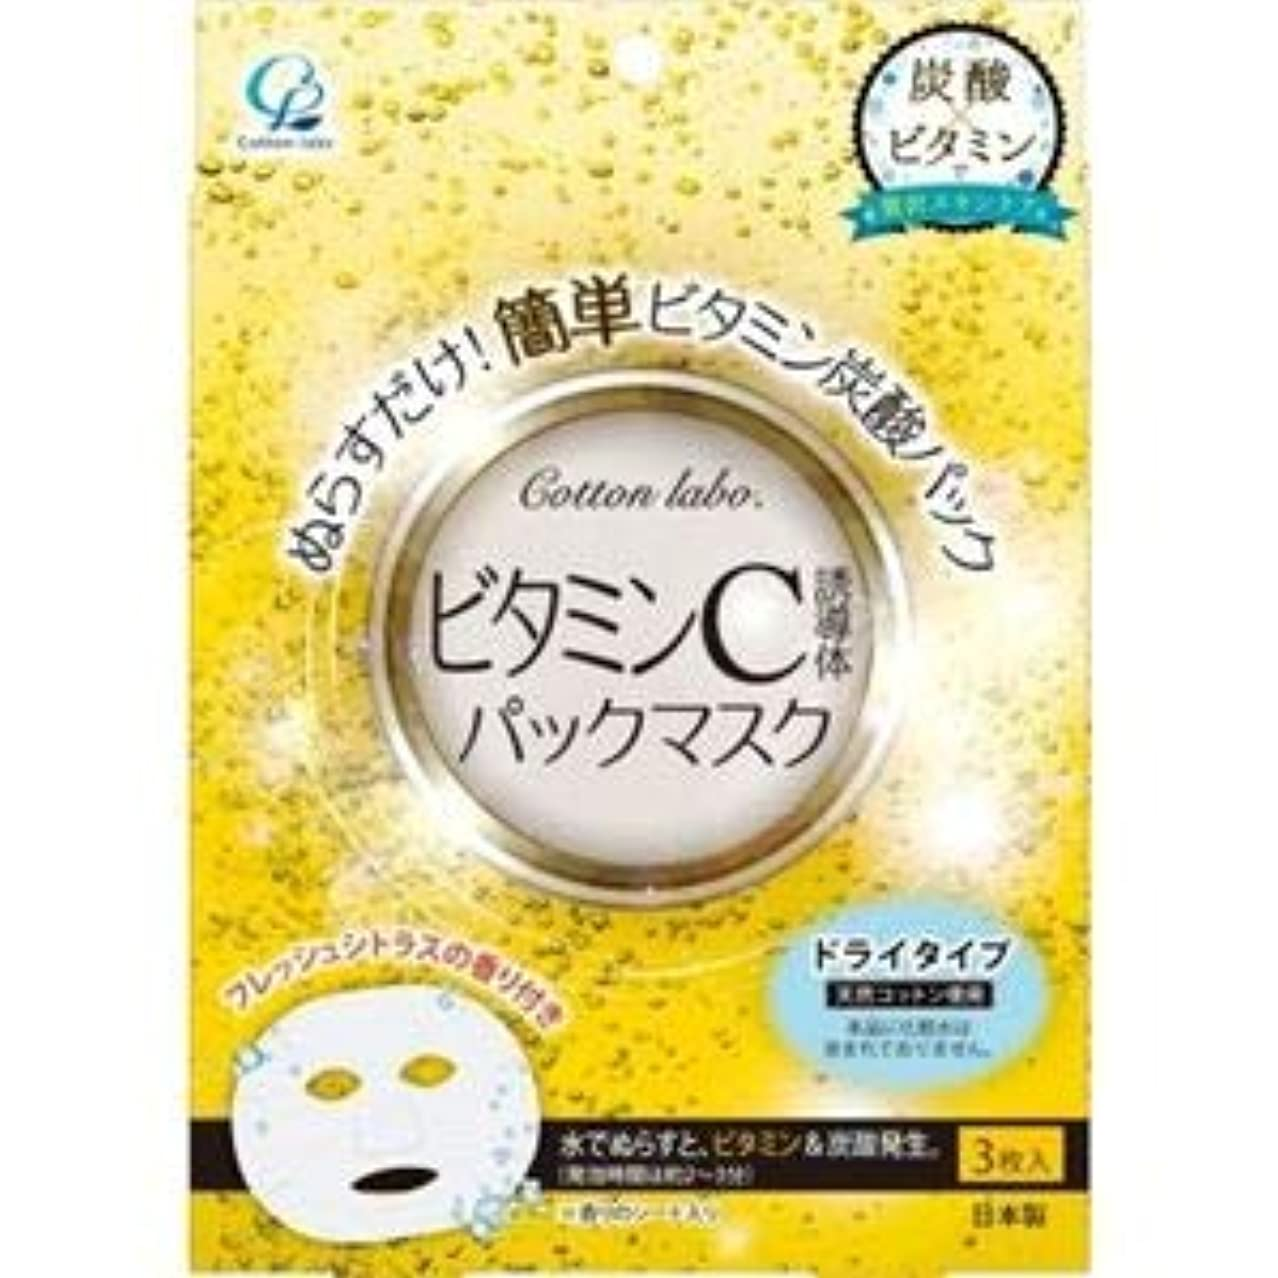 する帝国霧(まとめ)コットンラボ ビタミンパックマスク3枚 【×5点セット】